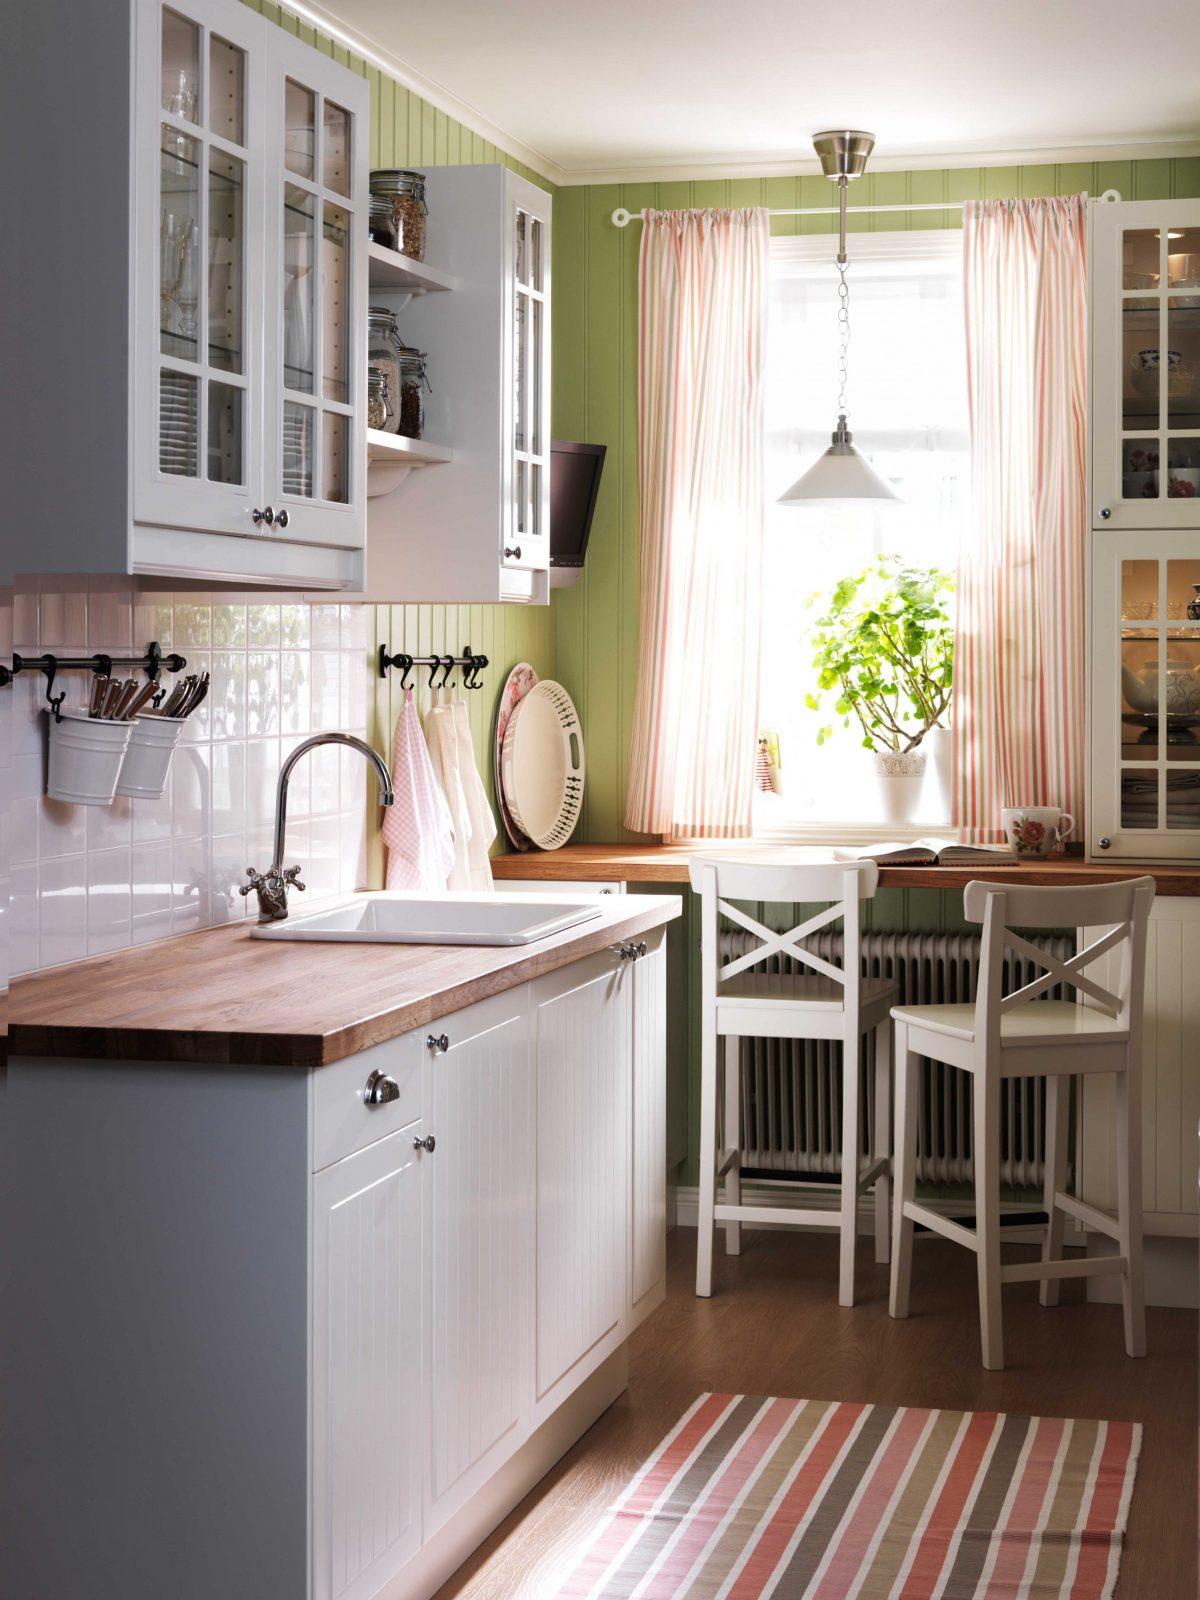 Ikea Österreich Inspiration Küche Weiß Landhausstil Wandschrank von Küche Landhausstil Weiß Ikea Bild